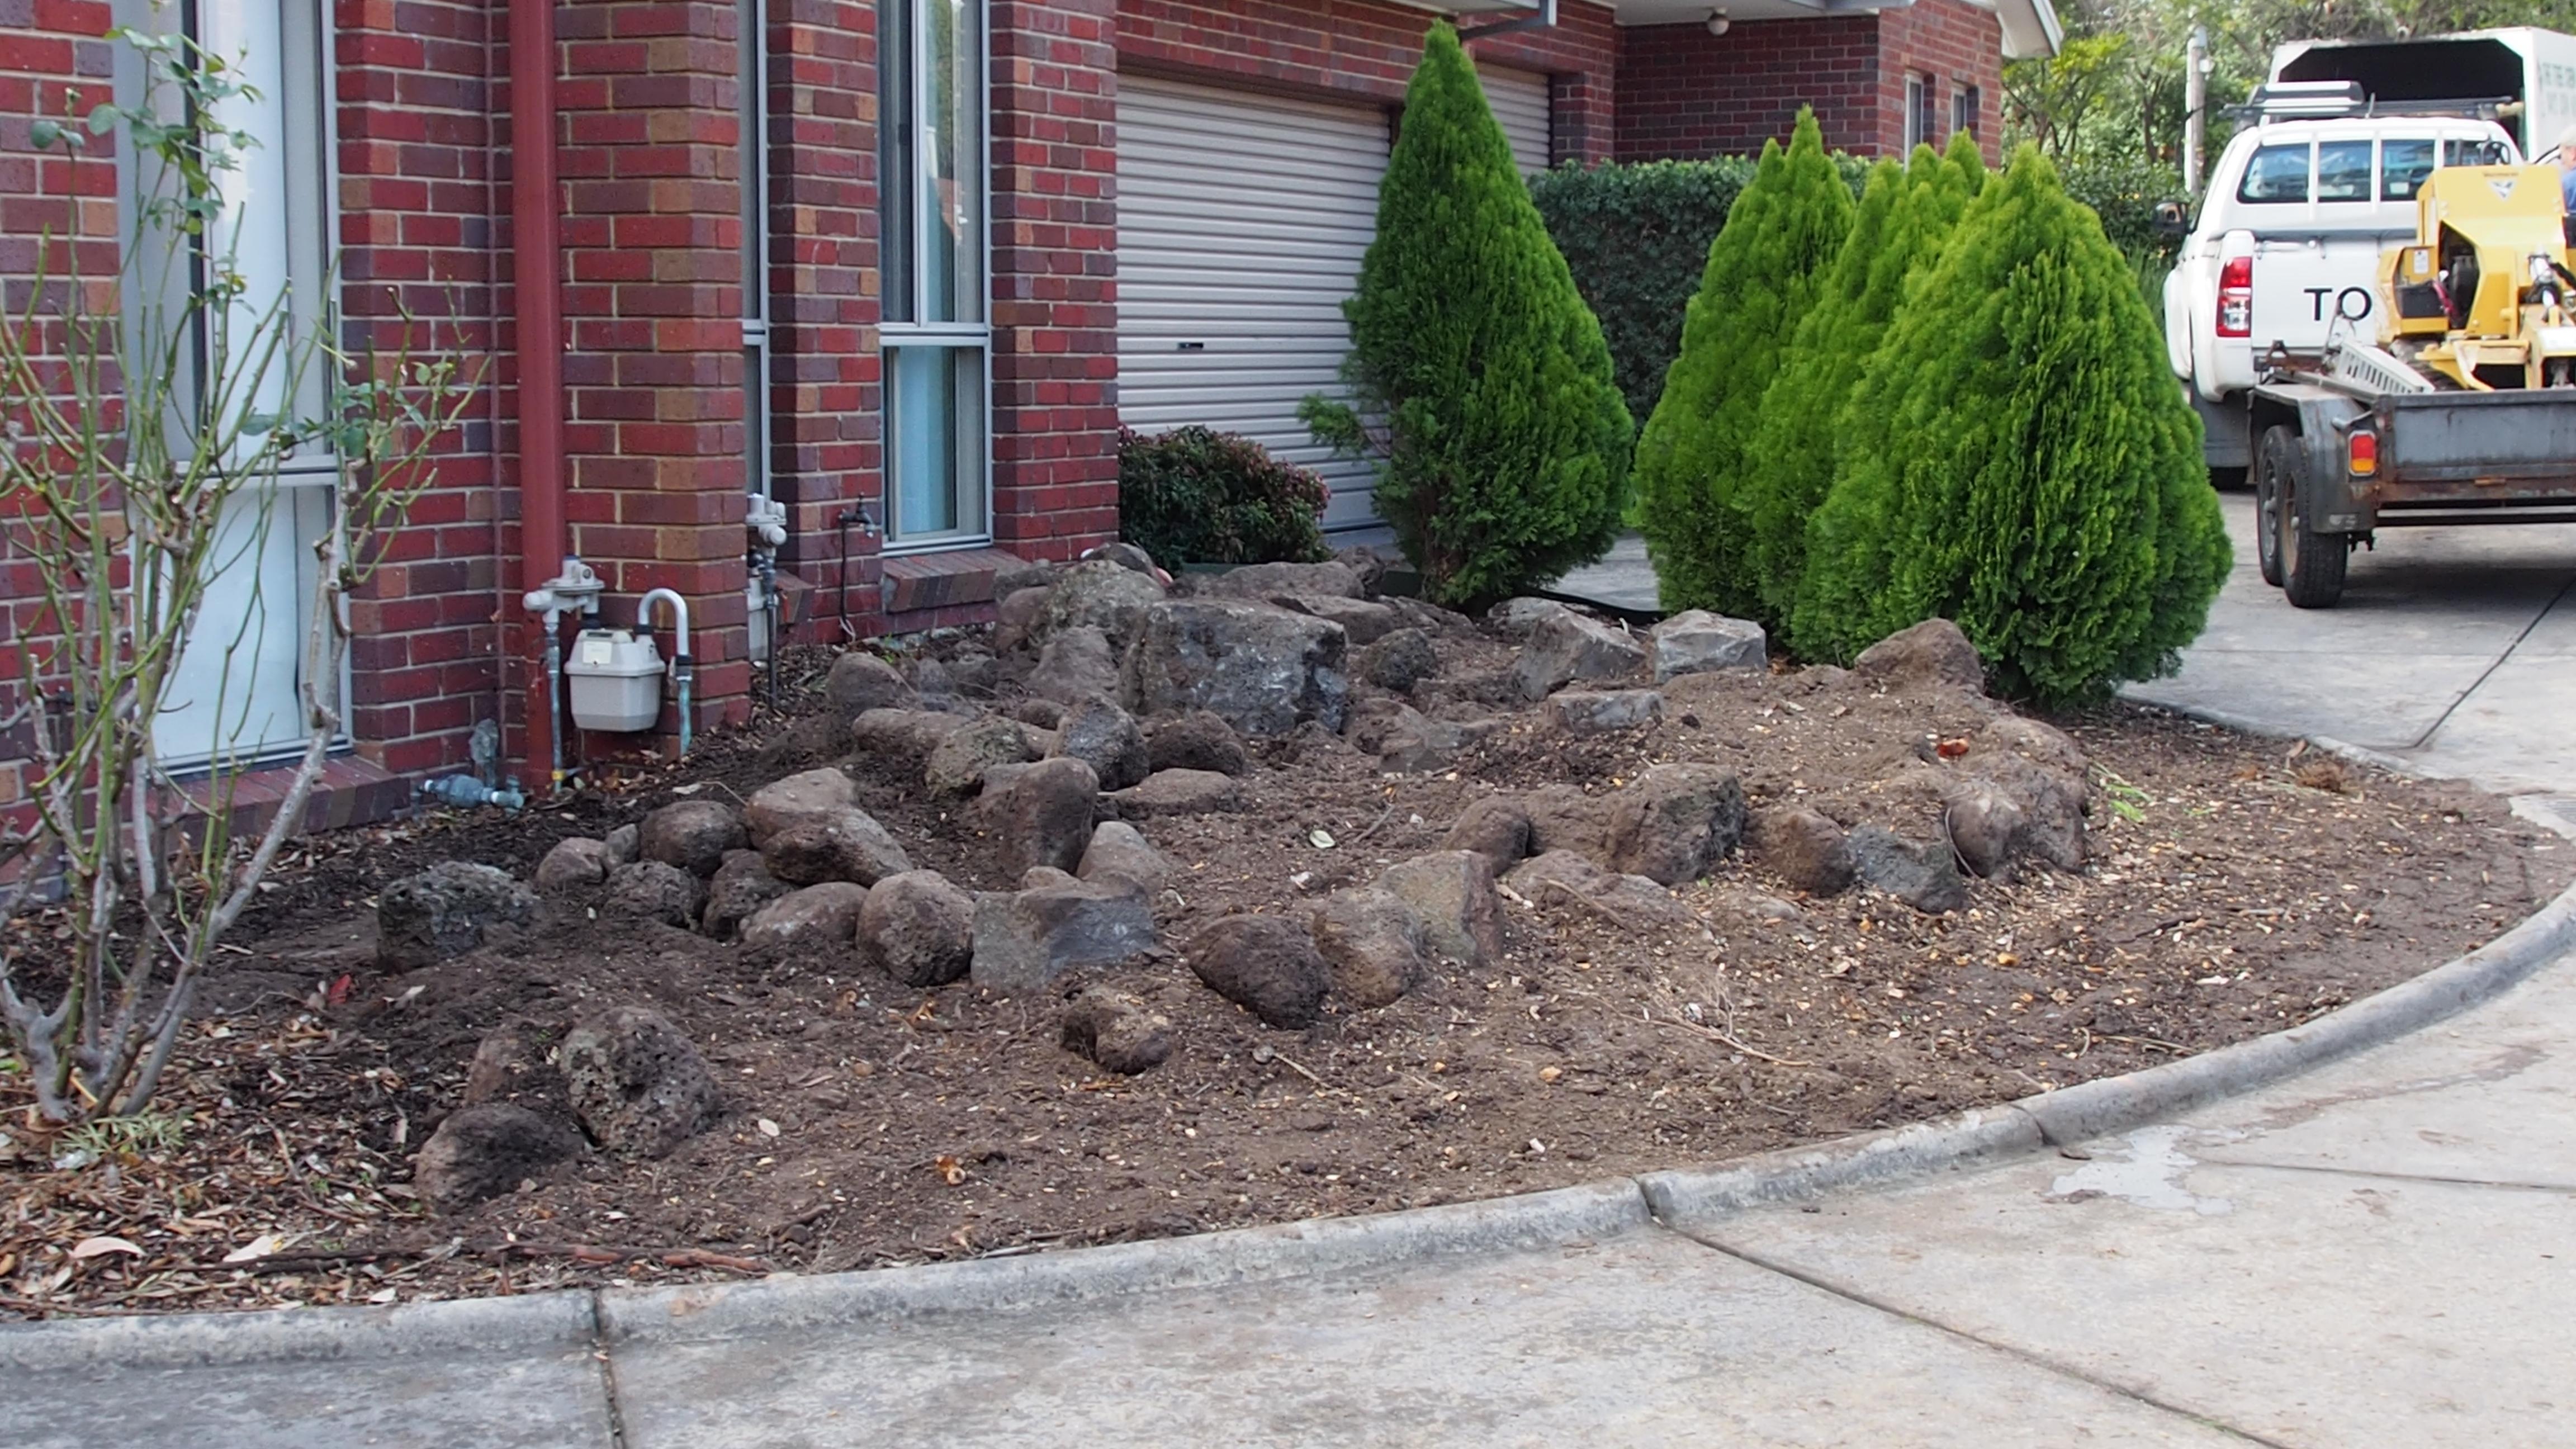 Bare circular rockery garden